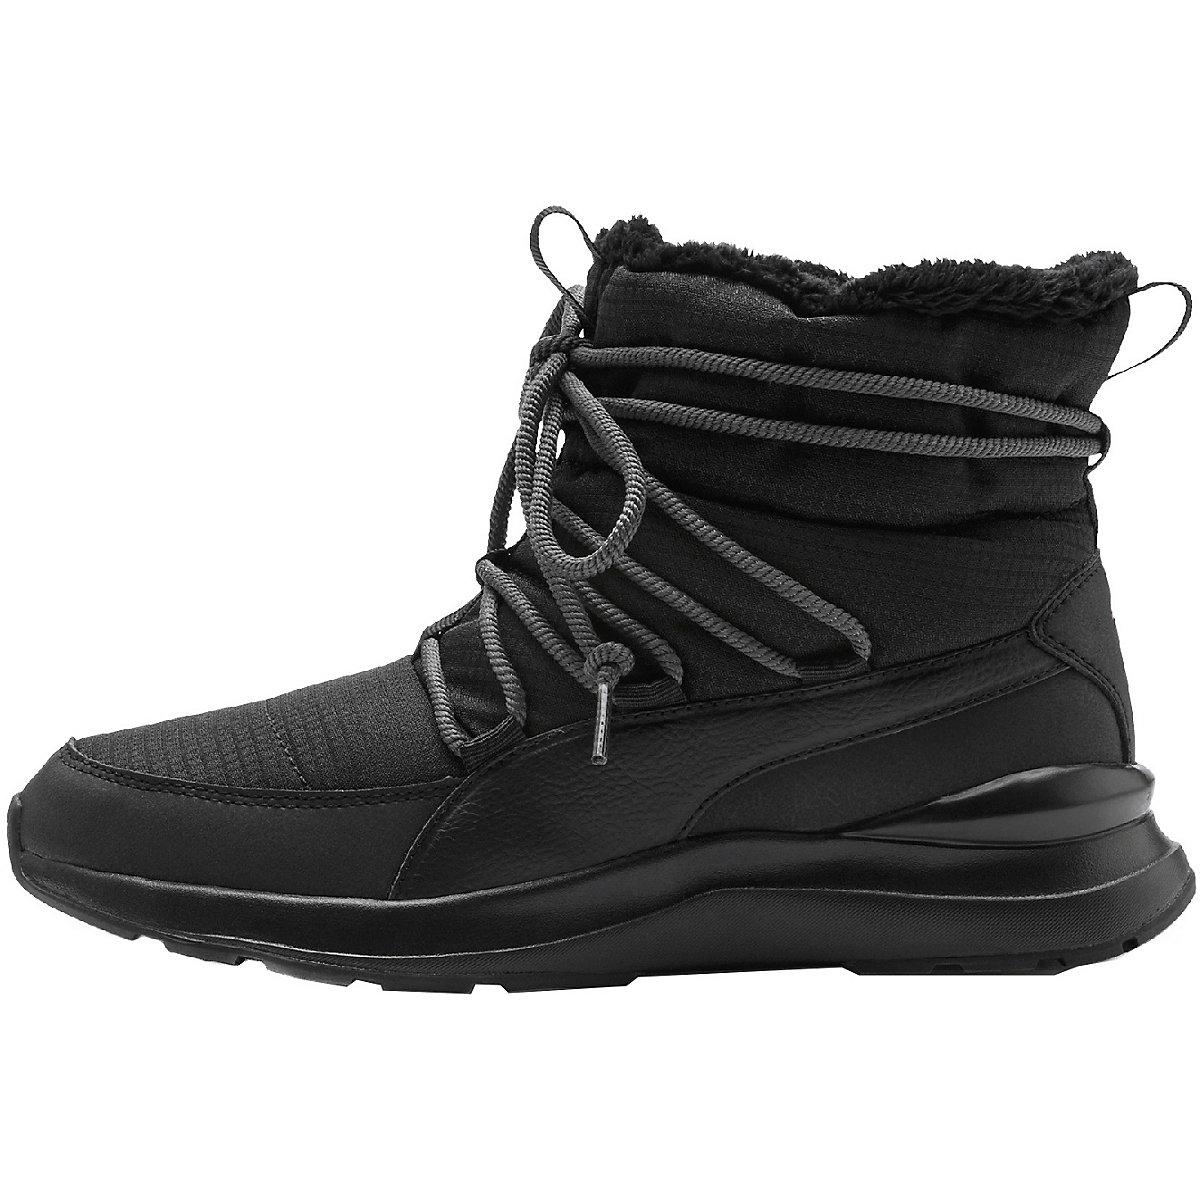 , Adela Winter Stiefel Winterstiefeletten, schwarz  Gute Qualität beliebte Schuhe